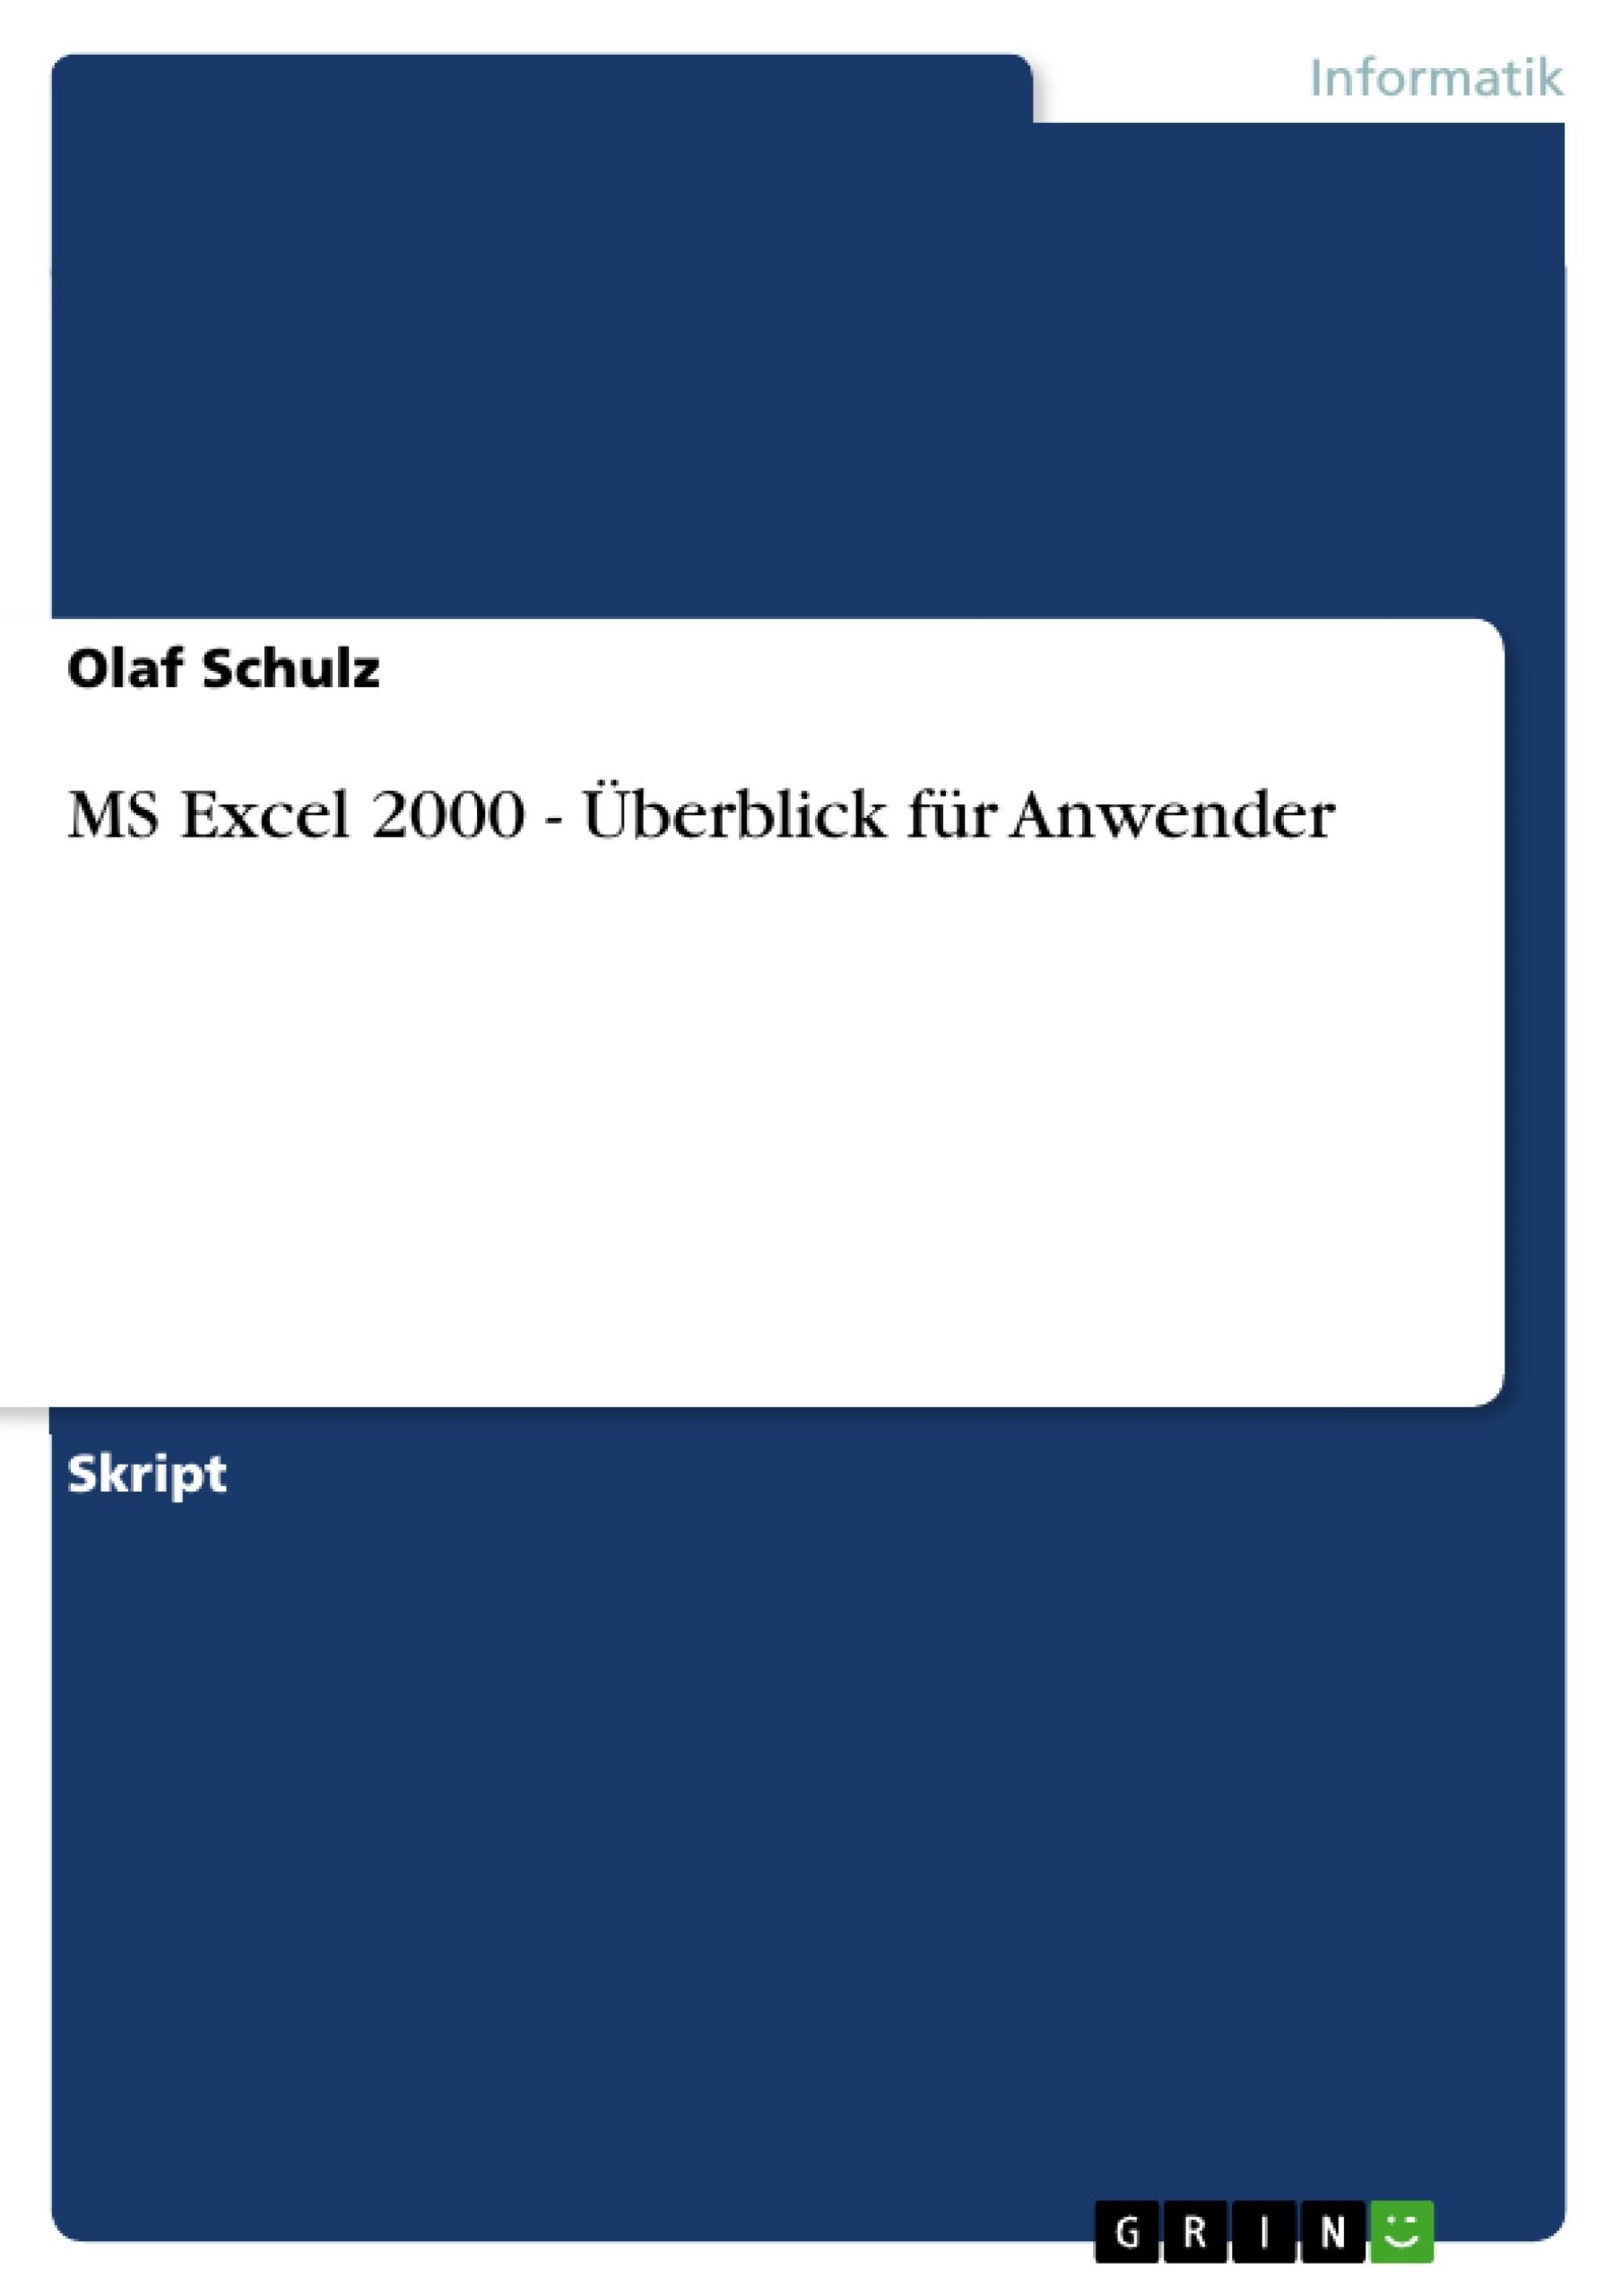 Titel: MS Excel 2000 - Überblick für Anwender